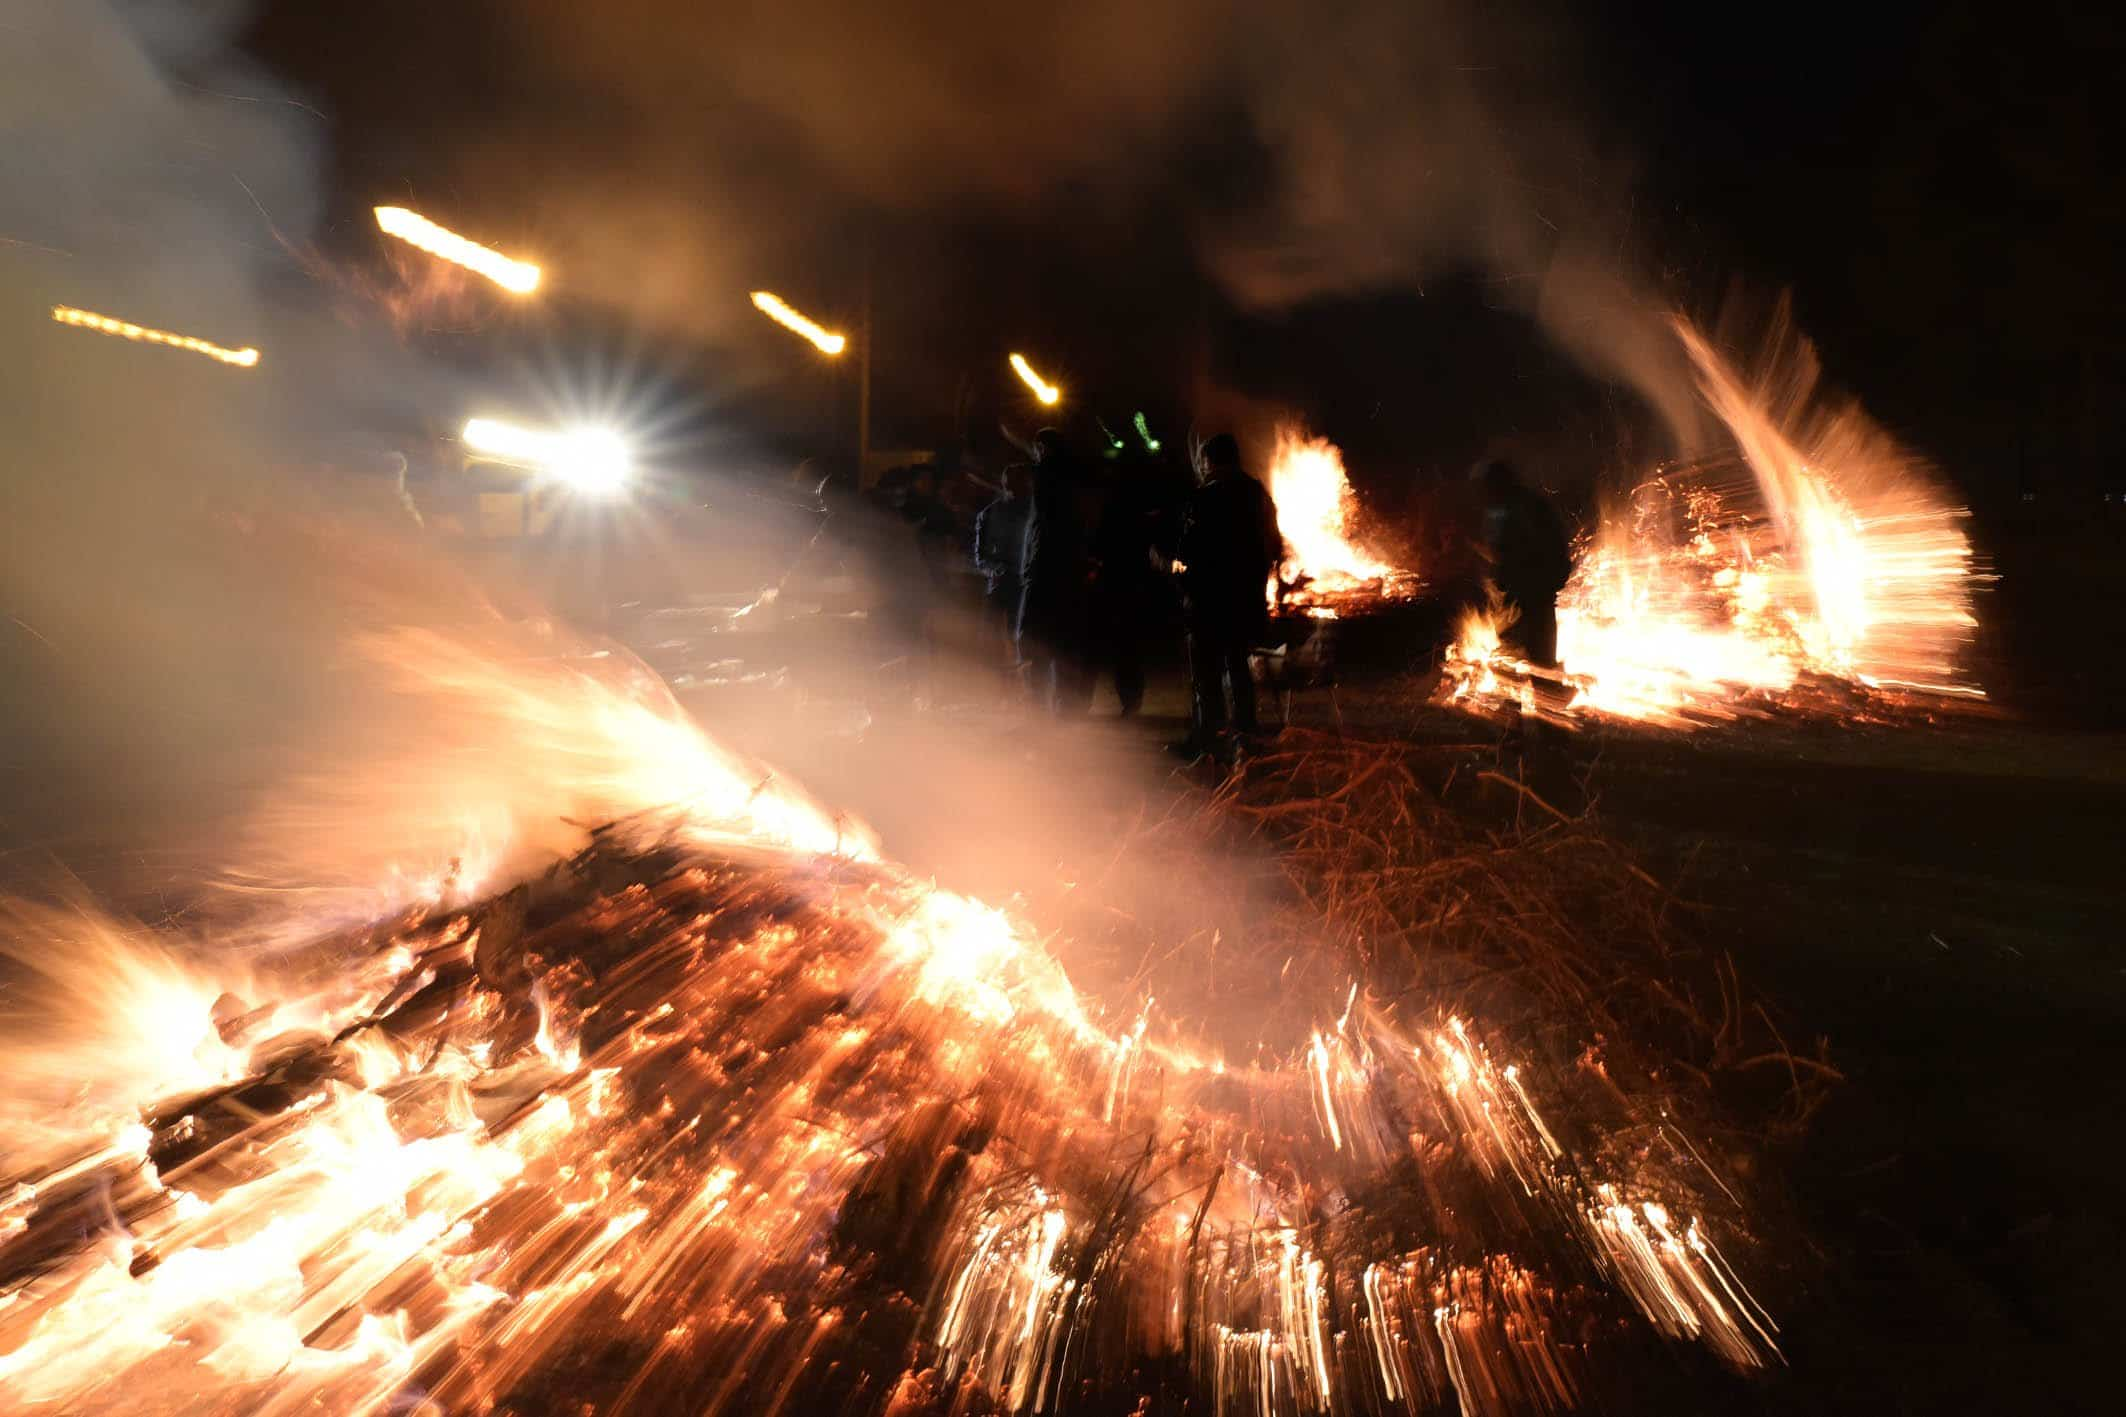 Comsermancha pide precaución al deshacerse de los restos de hogueras, braseros o estufas en los contenedores 3